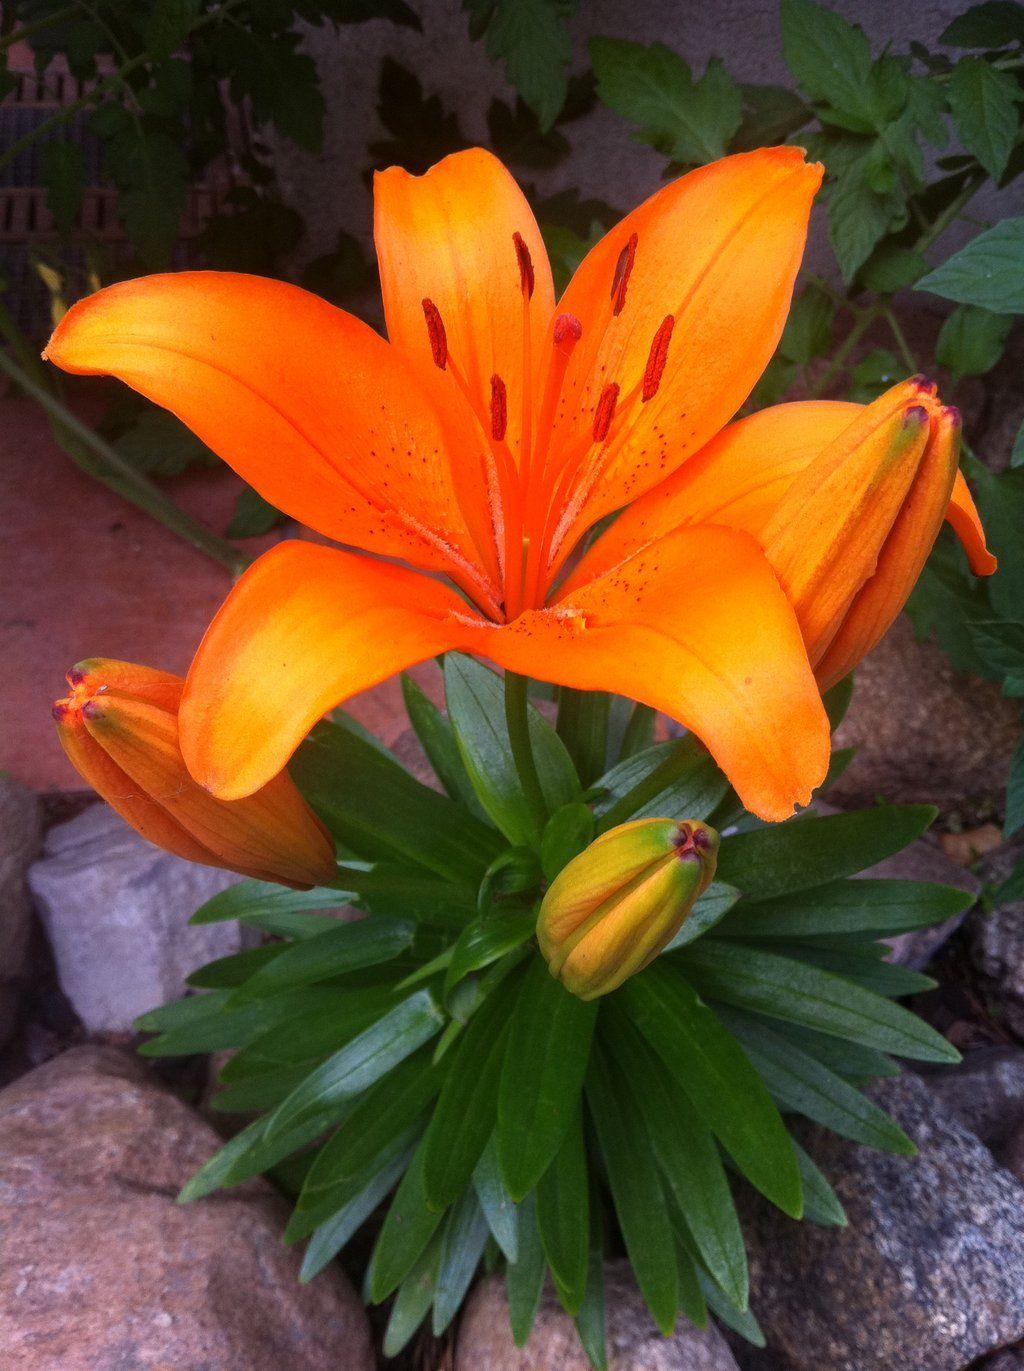 Pin By Gramescu On Flowers Lily Pinterest Hd Desktop Orange